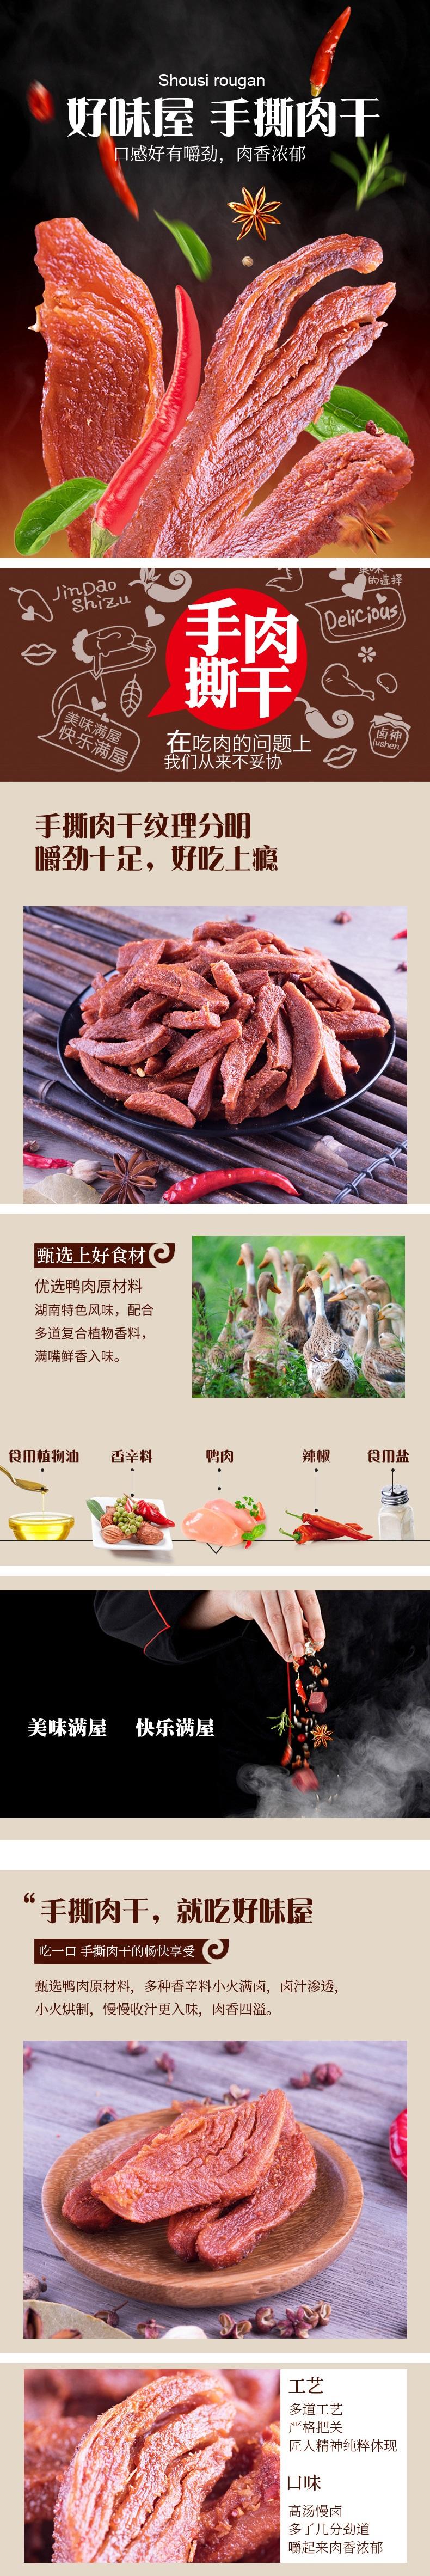 湖南特产  好味屋手撕肉干香辣卤味鸭货好吃的成人款网红零食15g*30包